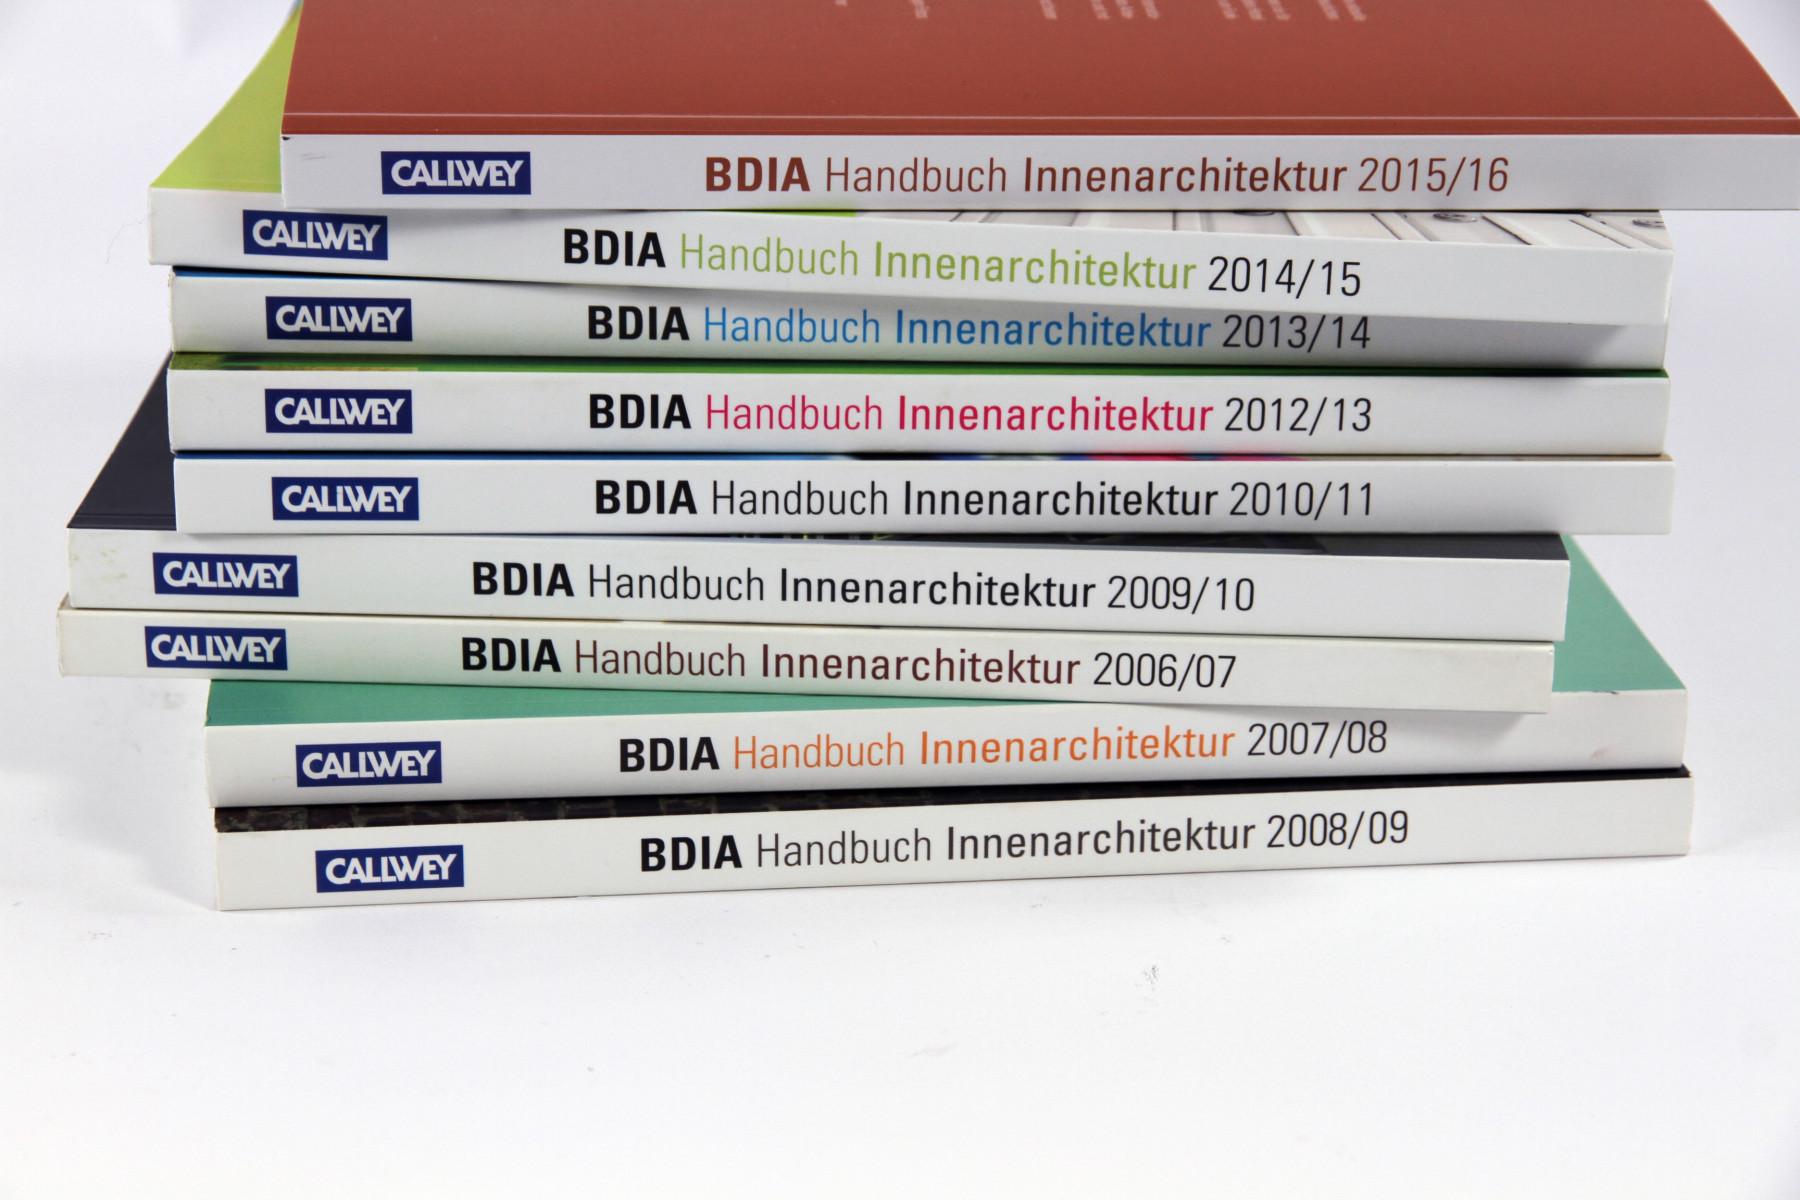 Innenarchitektur hda sammlung von haus design und for Innenarchitektur infos